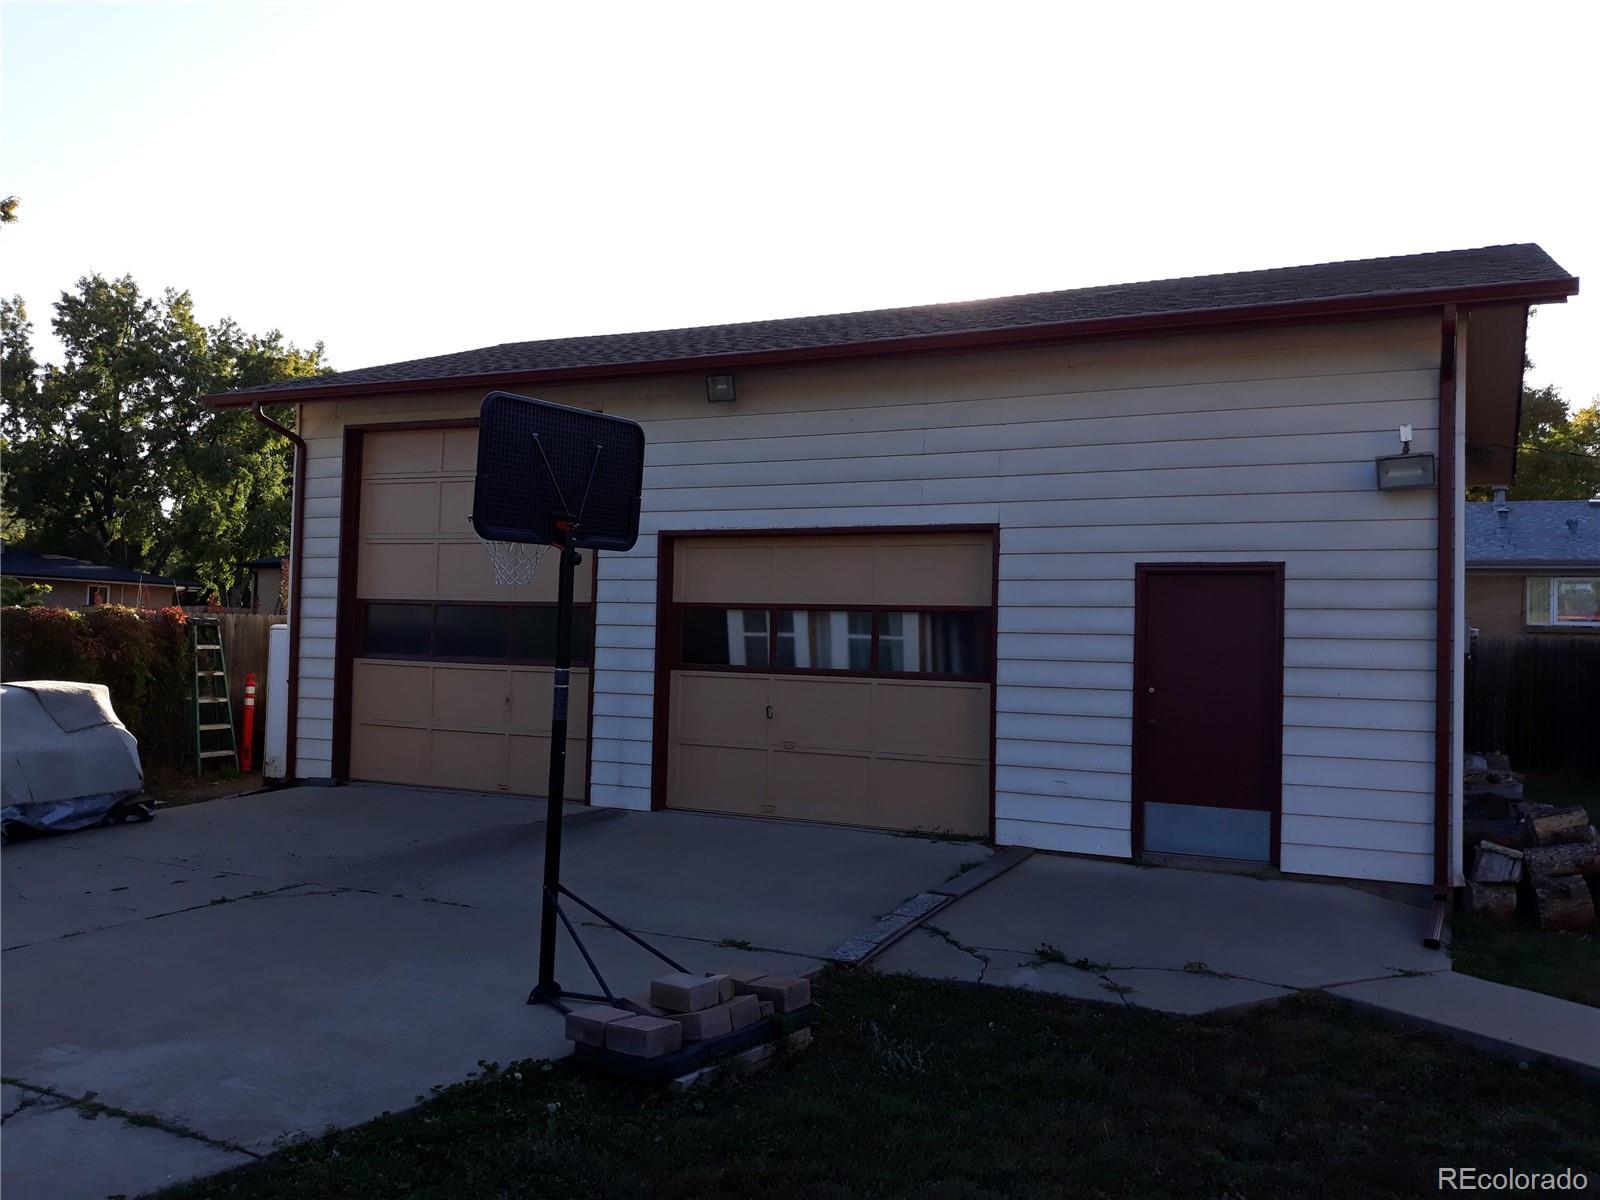 MLS# 7359840 - 5 - 2201 Teller Street, Lakewood, CO 80214